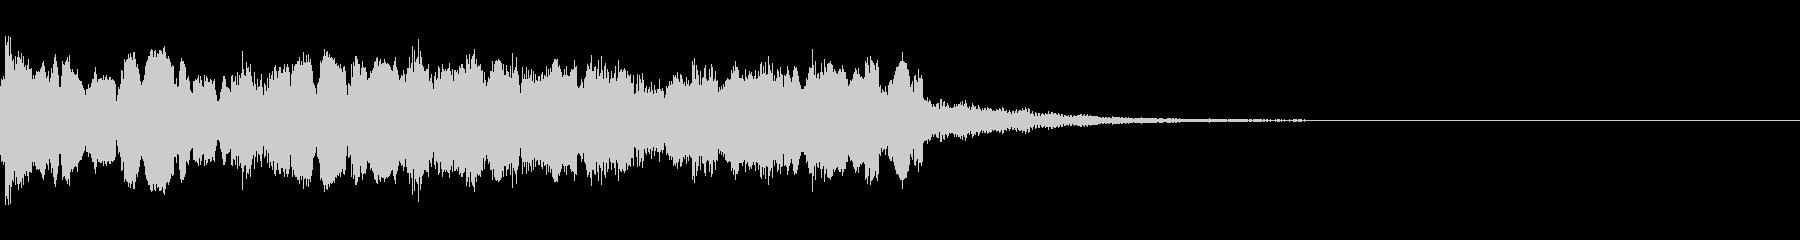 和風のジングル4の未再生の波形